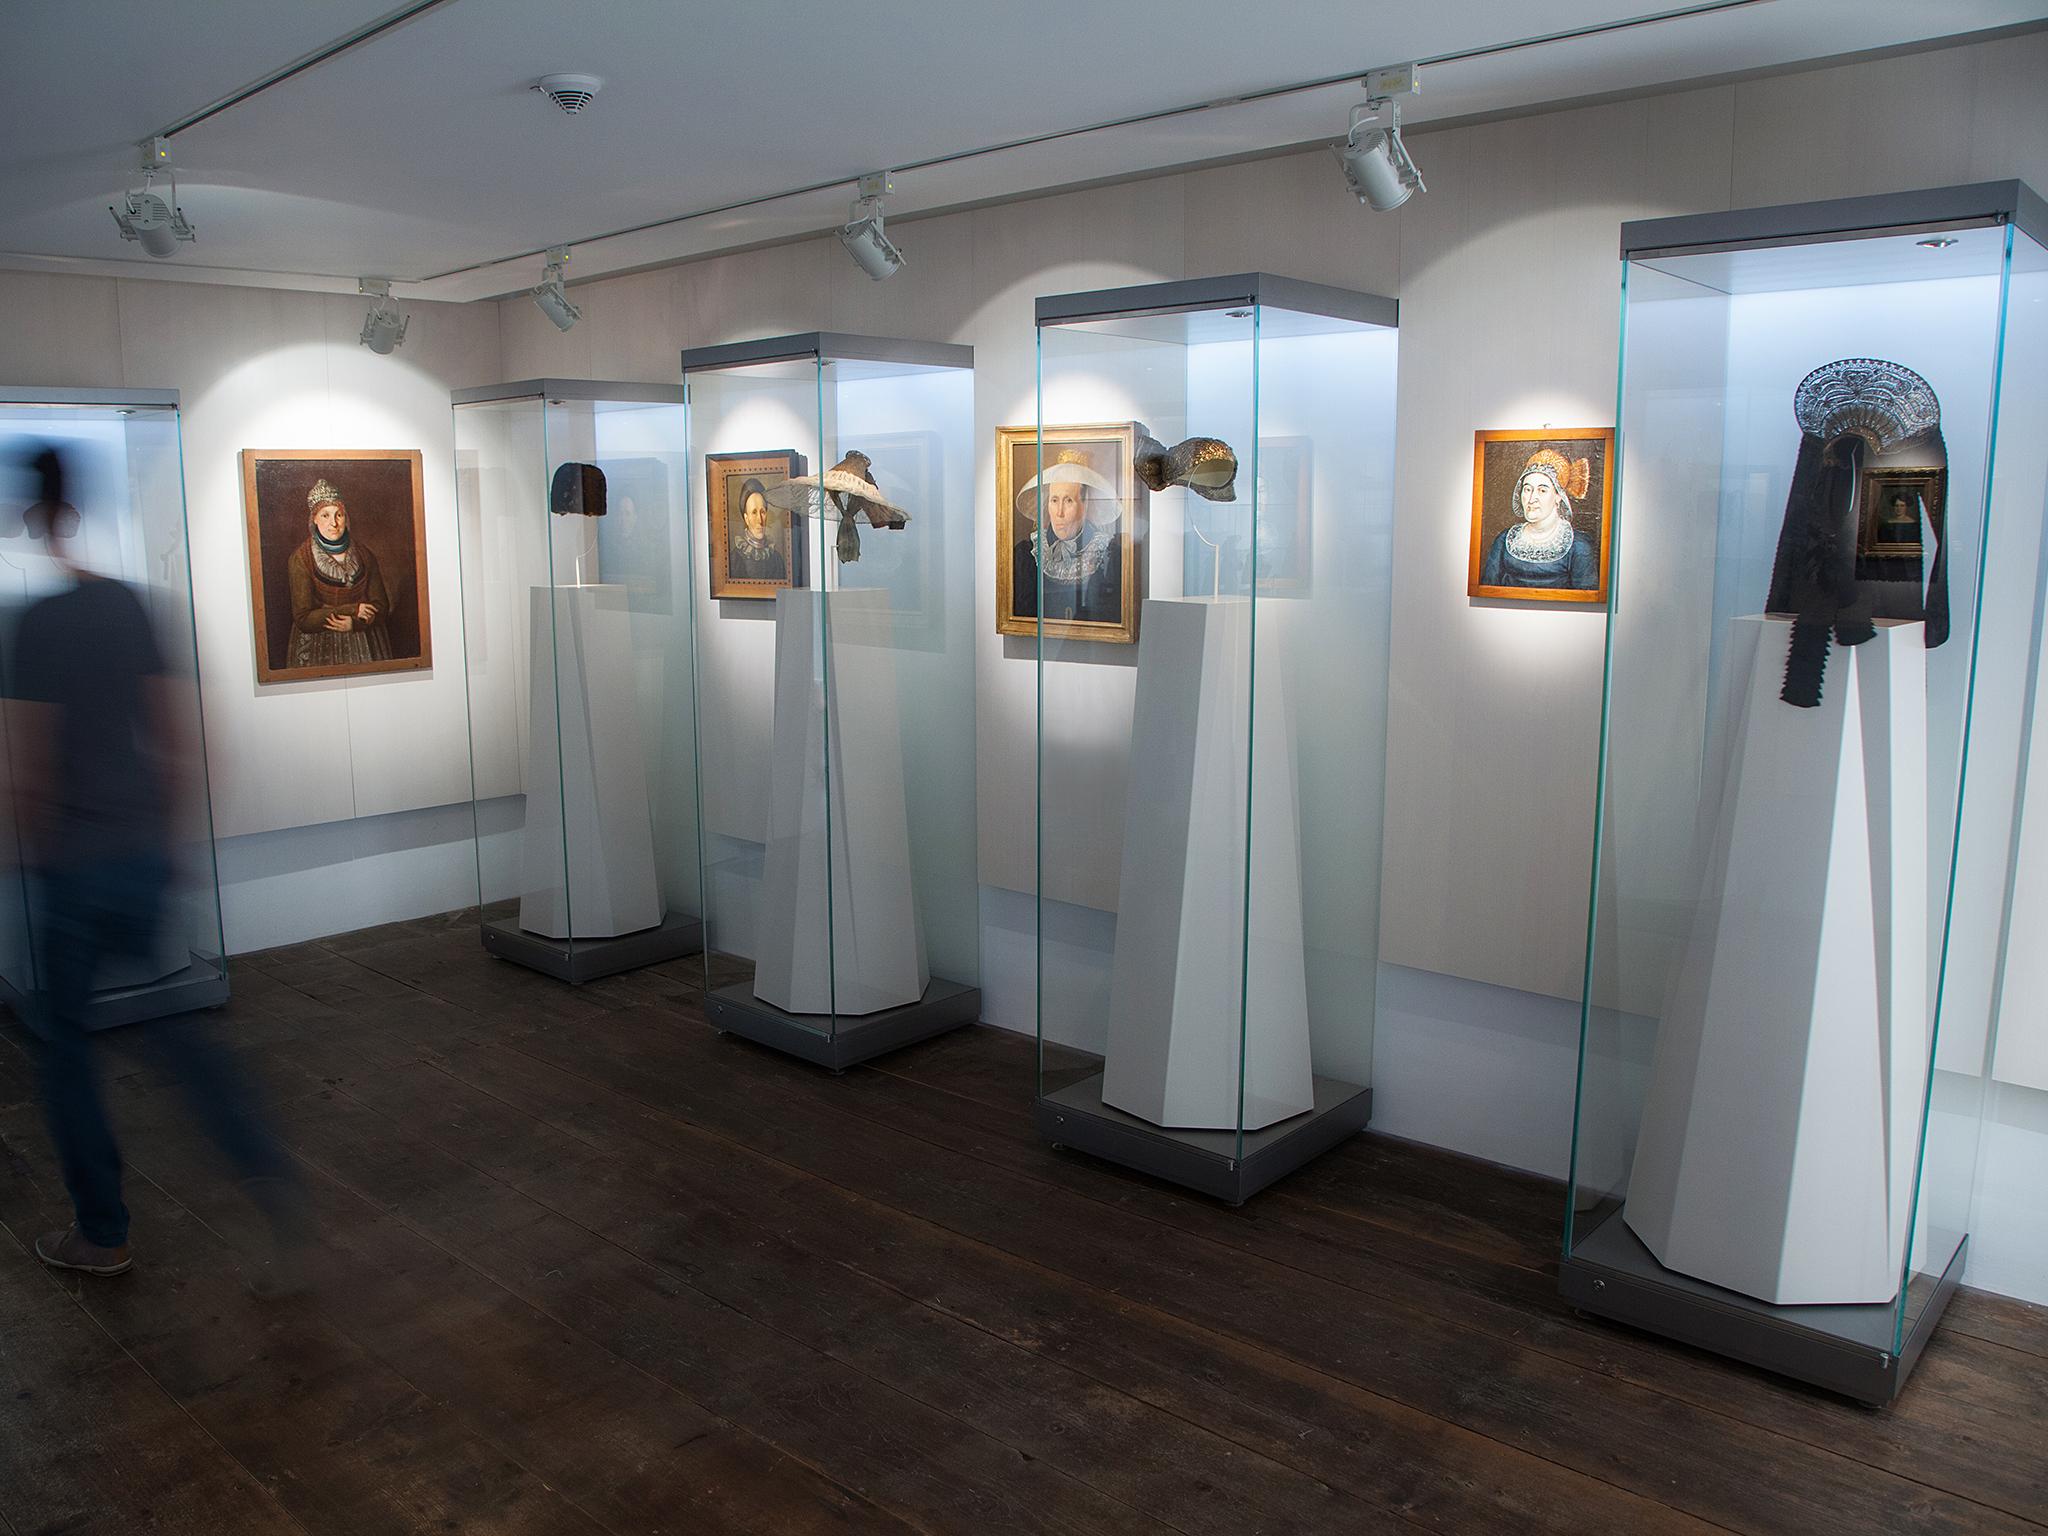 kaufbeuren-museum1-kfm